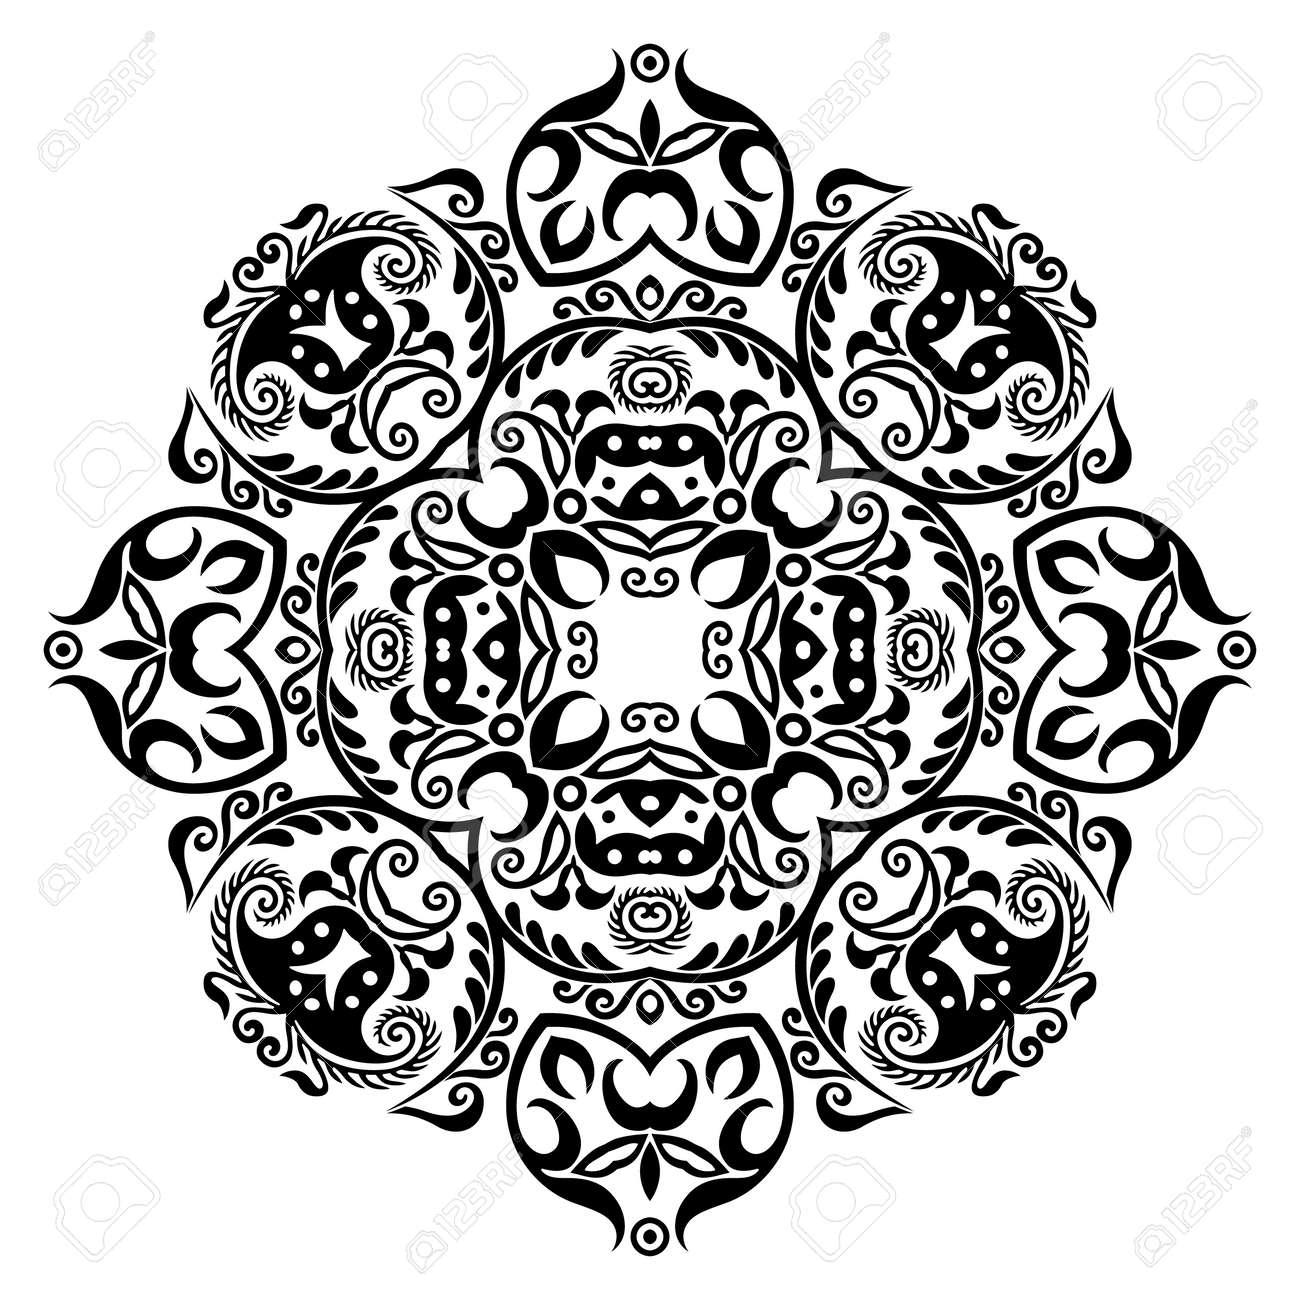 Vector black floral ethnic ornamental illustration - 151695008